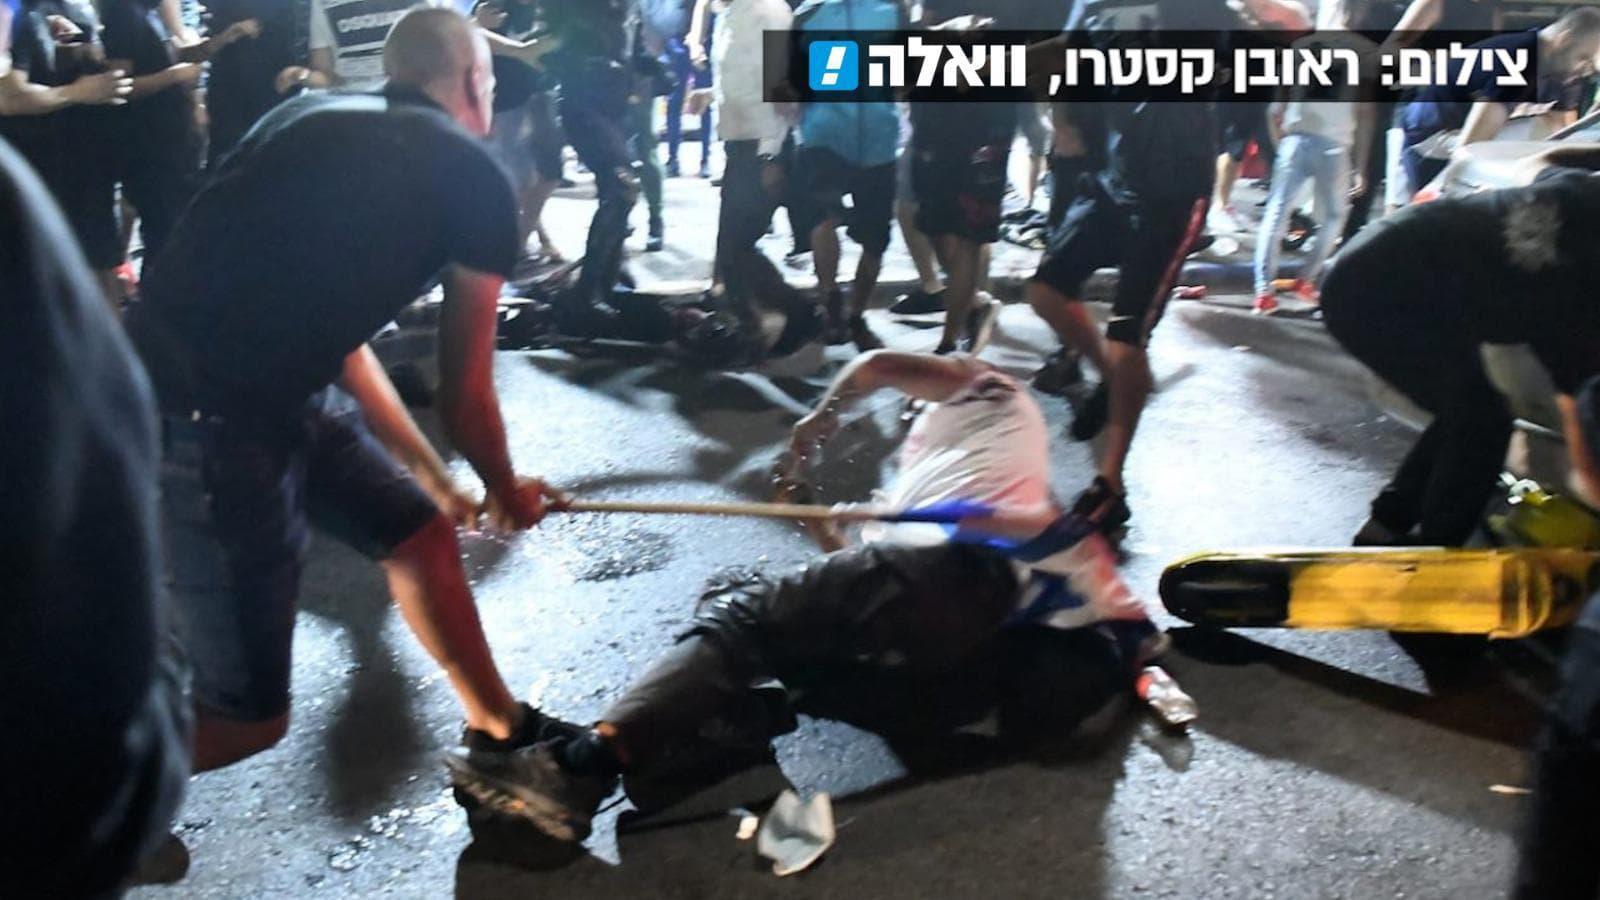 הלינץ' שבוצע בערבי ברחובות בת ים, 12 במאי 2021 (צילום: ראובן קסטרו, באדיבות וואלה!)